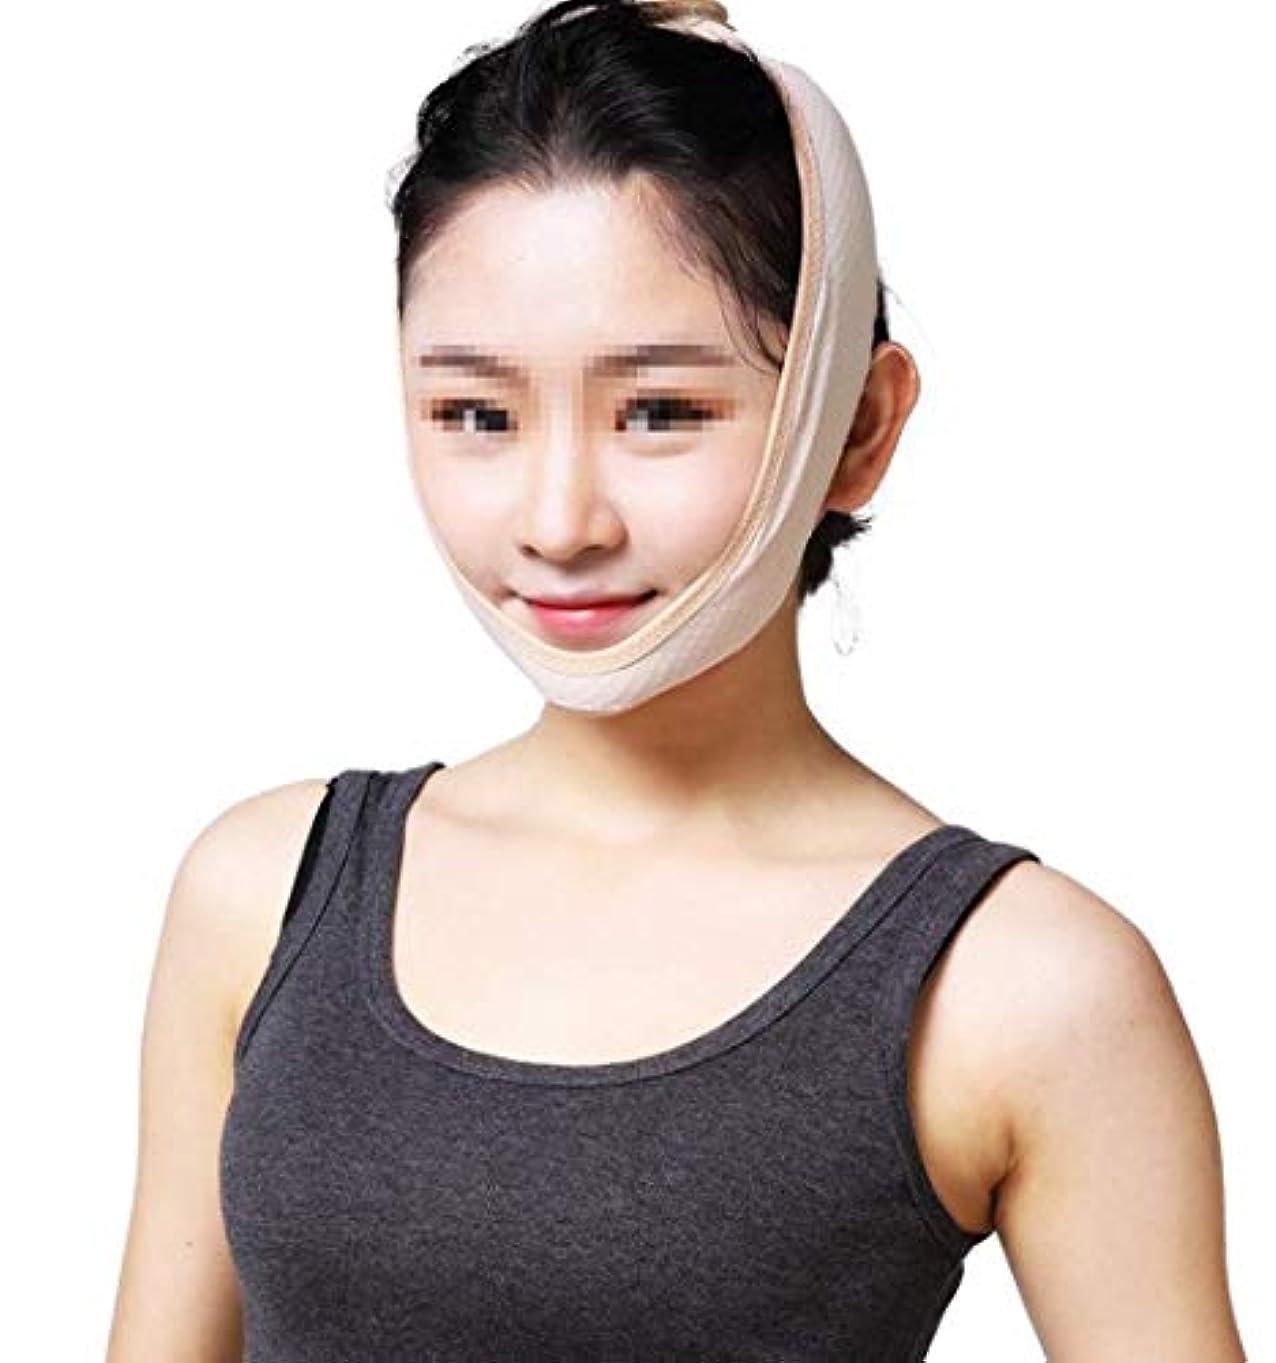 放置闘争前文顔を持ち上げる包帯、口を開けて眠るのを防ぐための女性の通気性のいびきベルトいびきアーティファクトアンチあごの脱臼の修正包帯のいびき装置